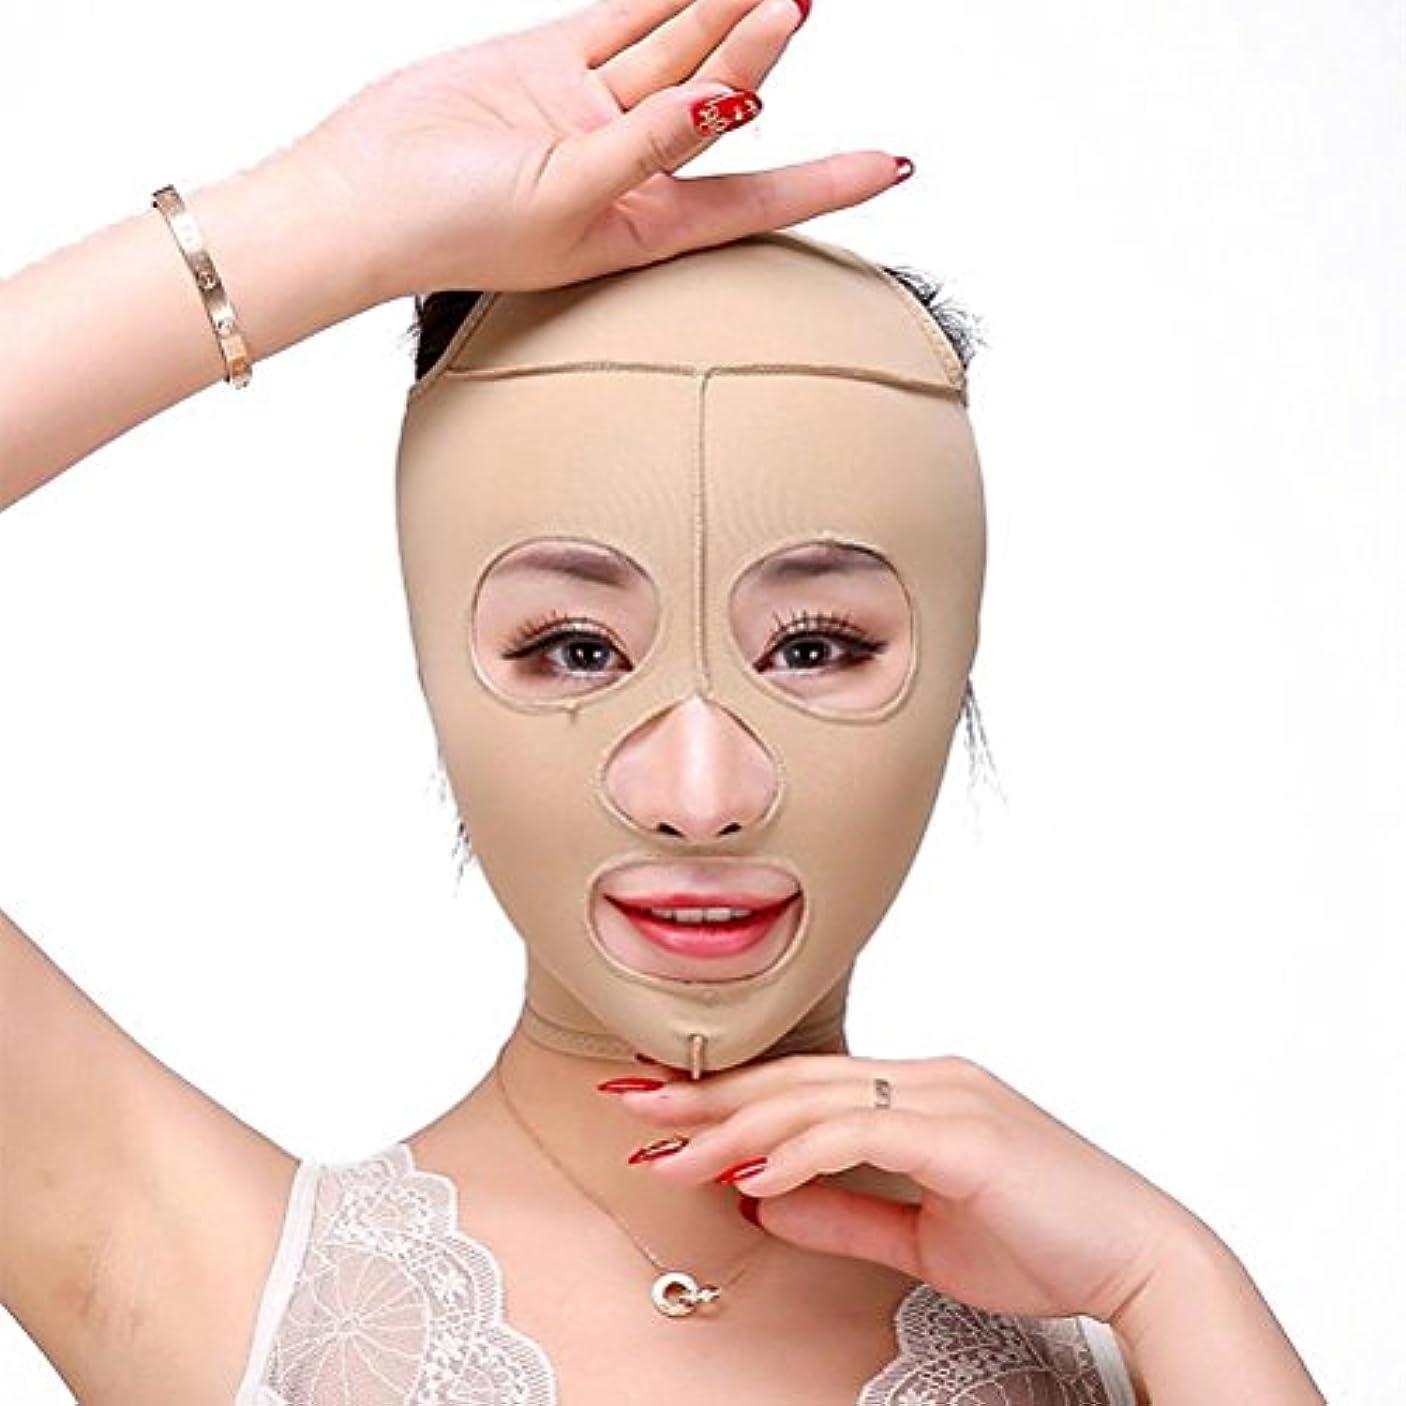 対話フローティング犯罪Beaupretty スリムフェイスマスク弾性肌色包帯リフトアップチン痩身Vフェイスシェイパー